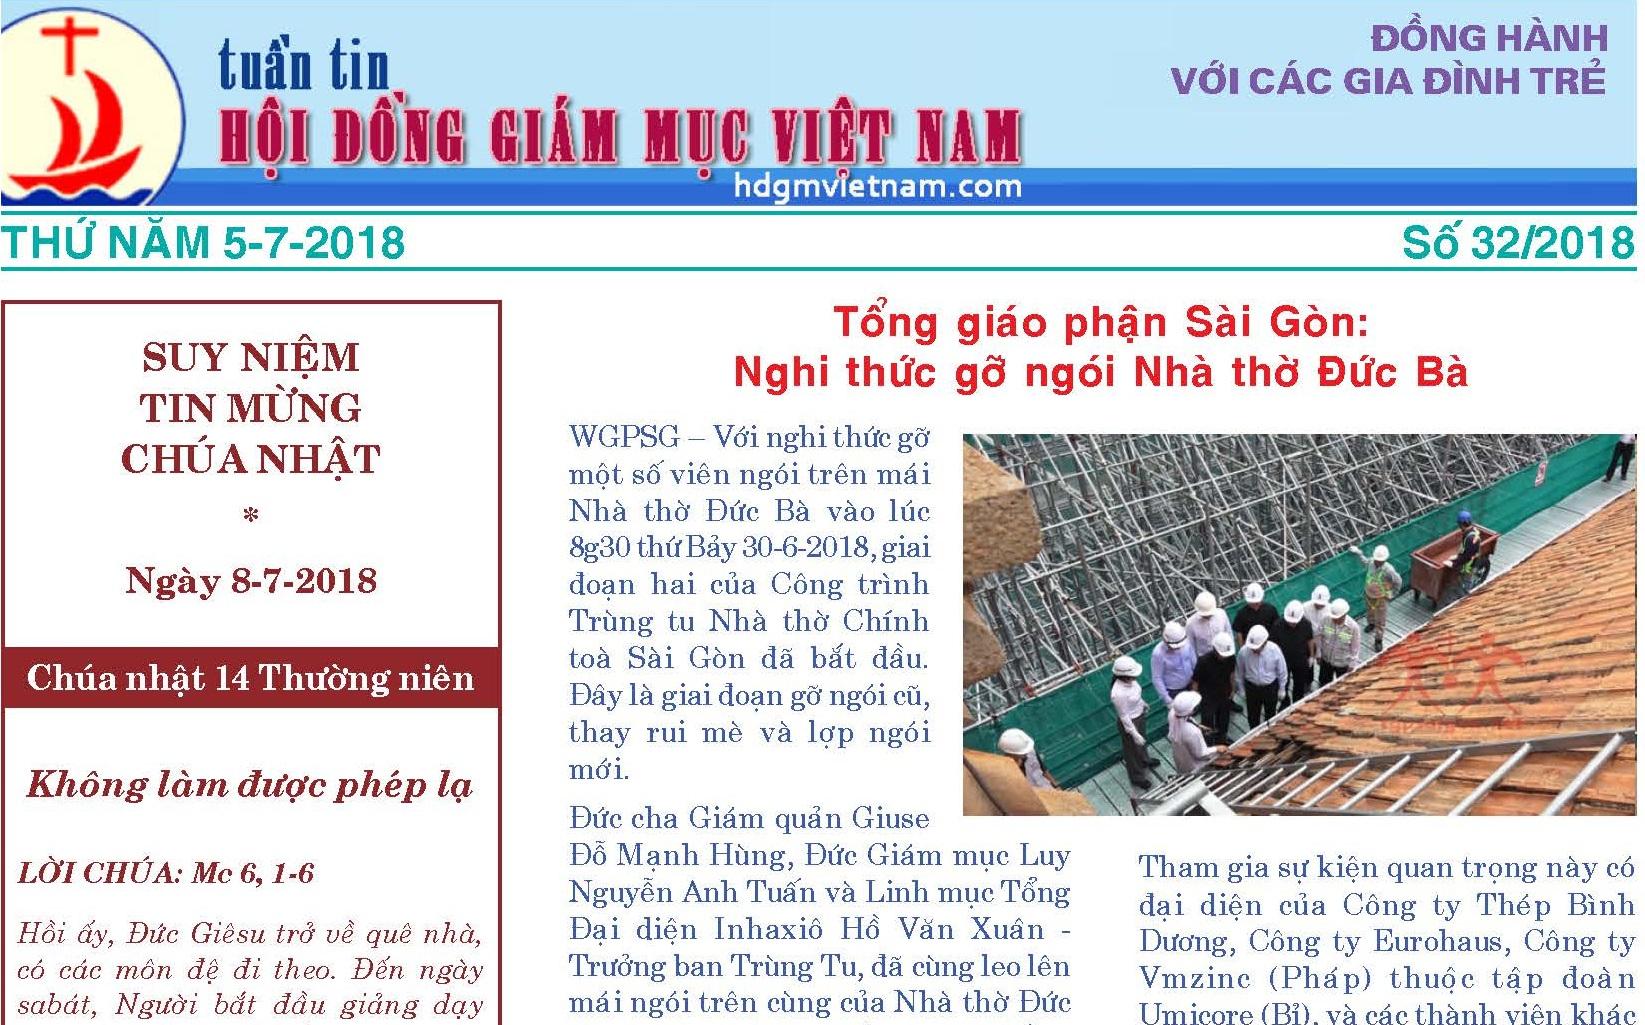 Tuần tin Hội đồng Giám mục Việt Nam số 32/2018